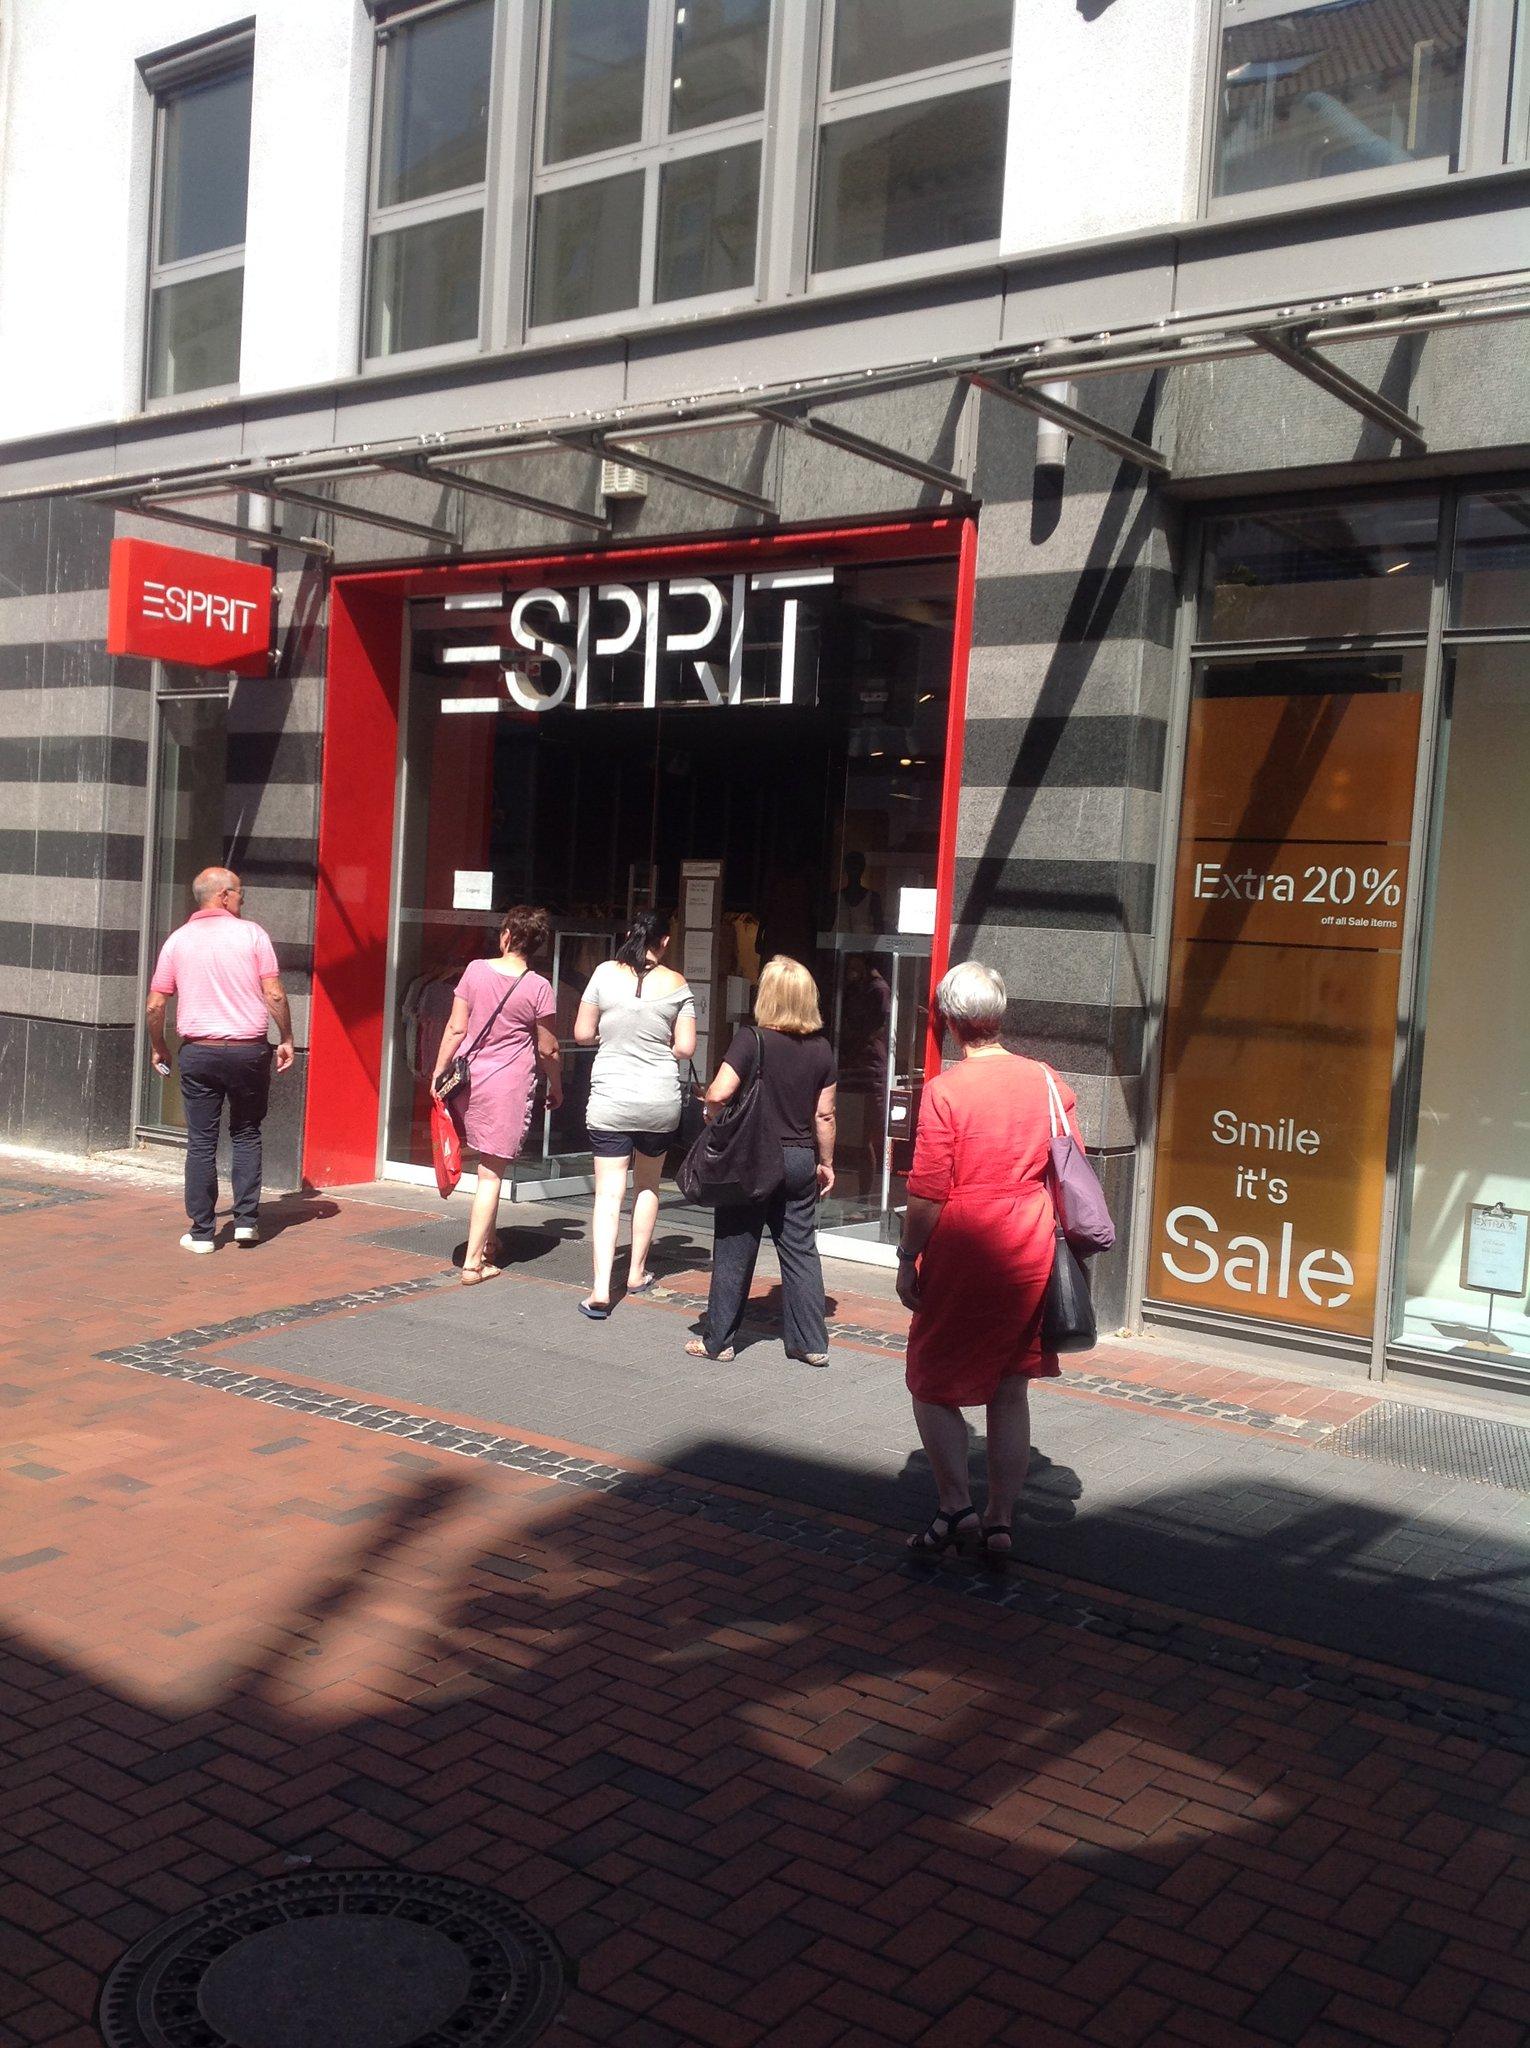 Esprit Schließt Filialen